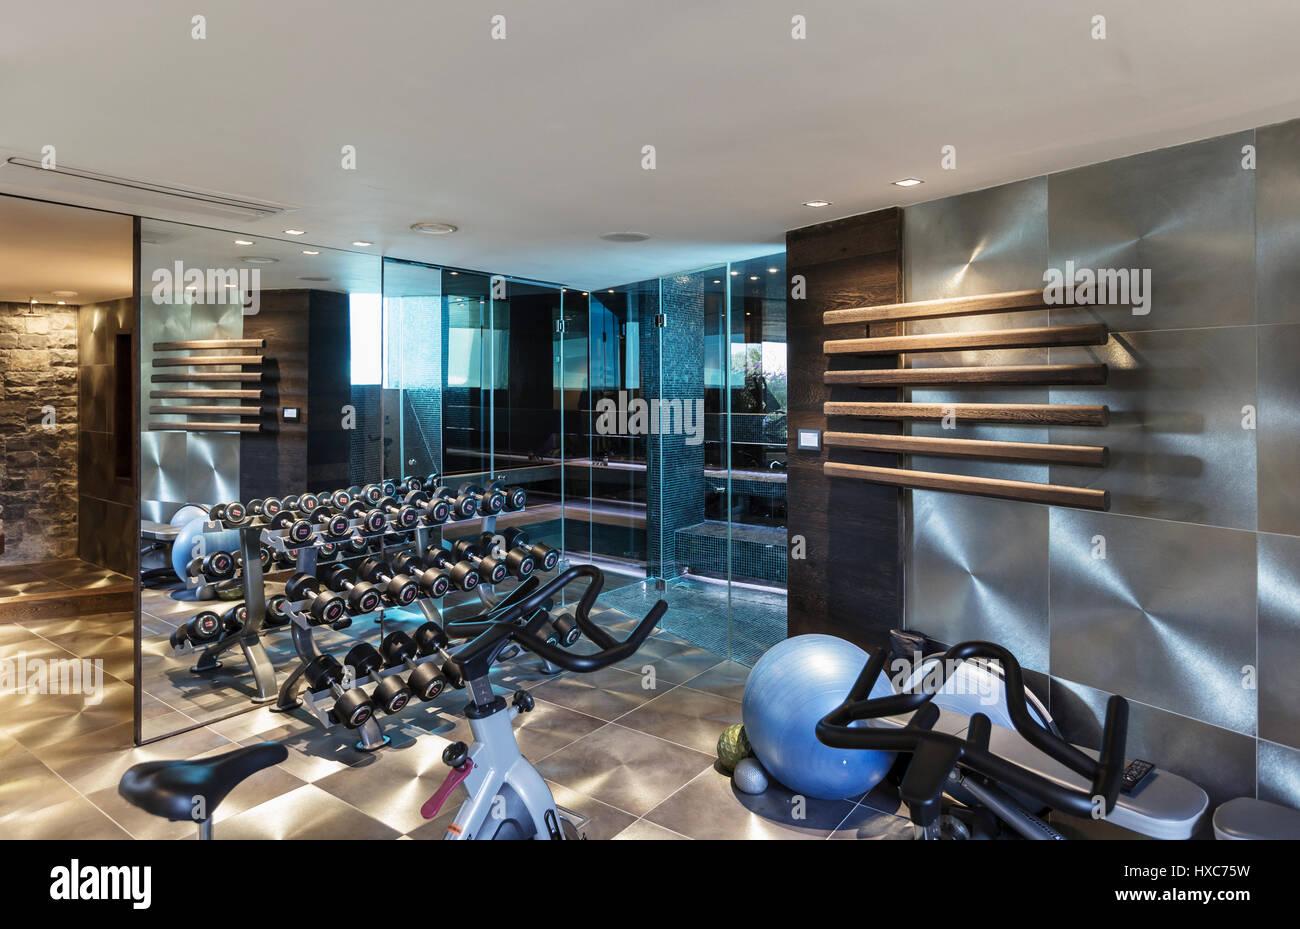 Fitnessraum Mit Geräten In Modernem Luxus Nach Hause Designer Einrichtung  Stockbild